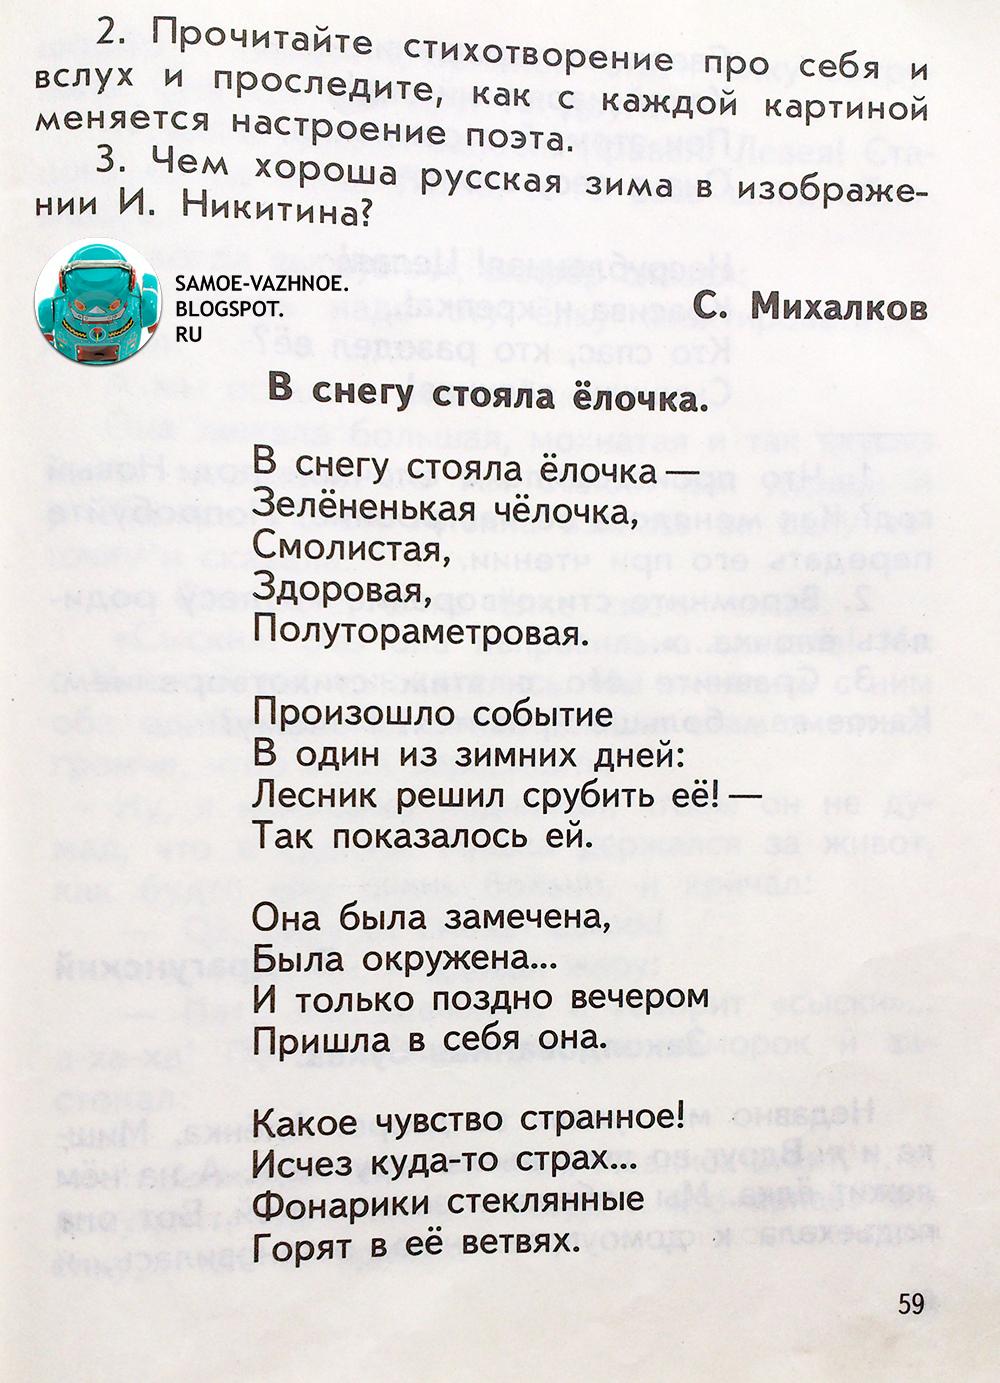 Михалков В снегу стояла ёлочка